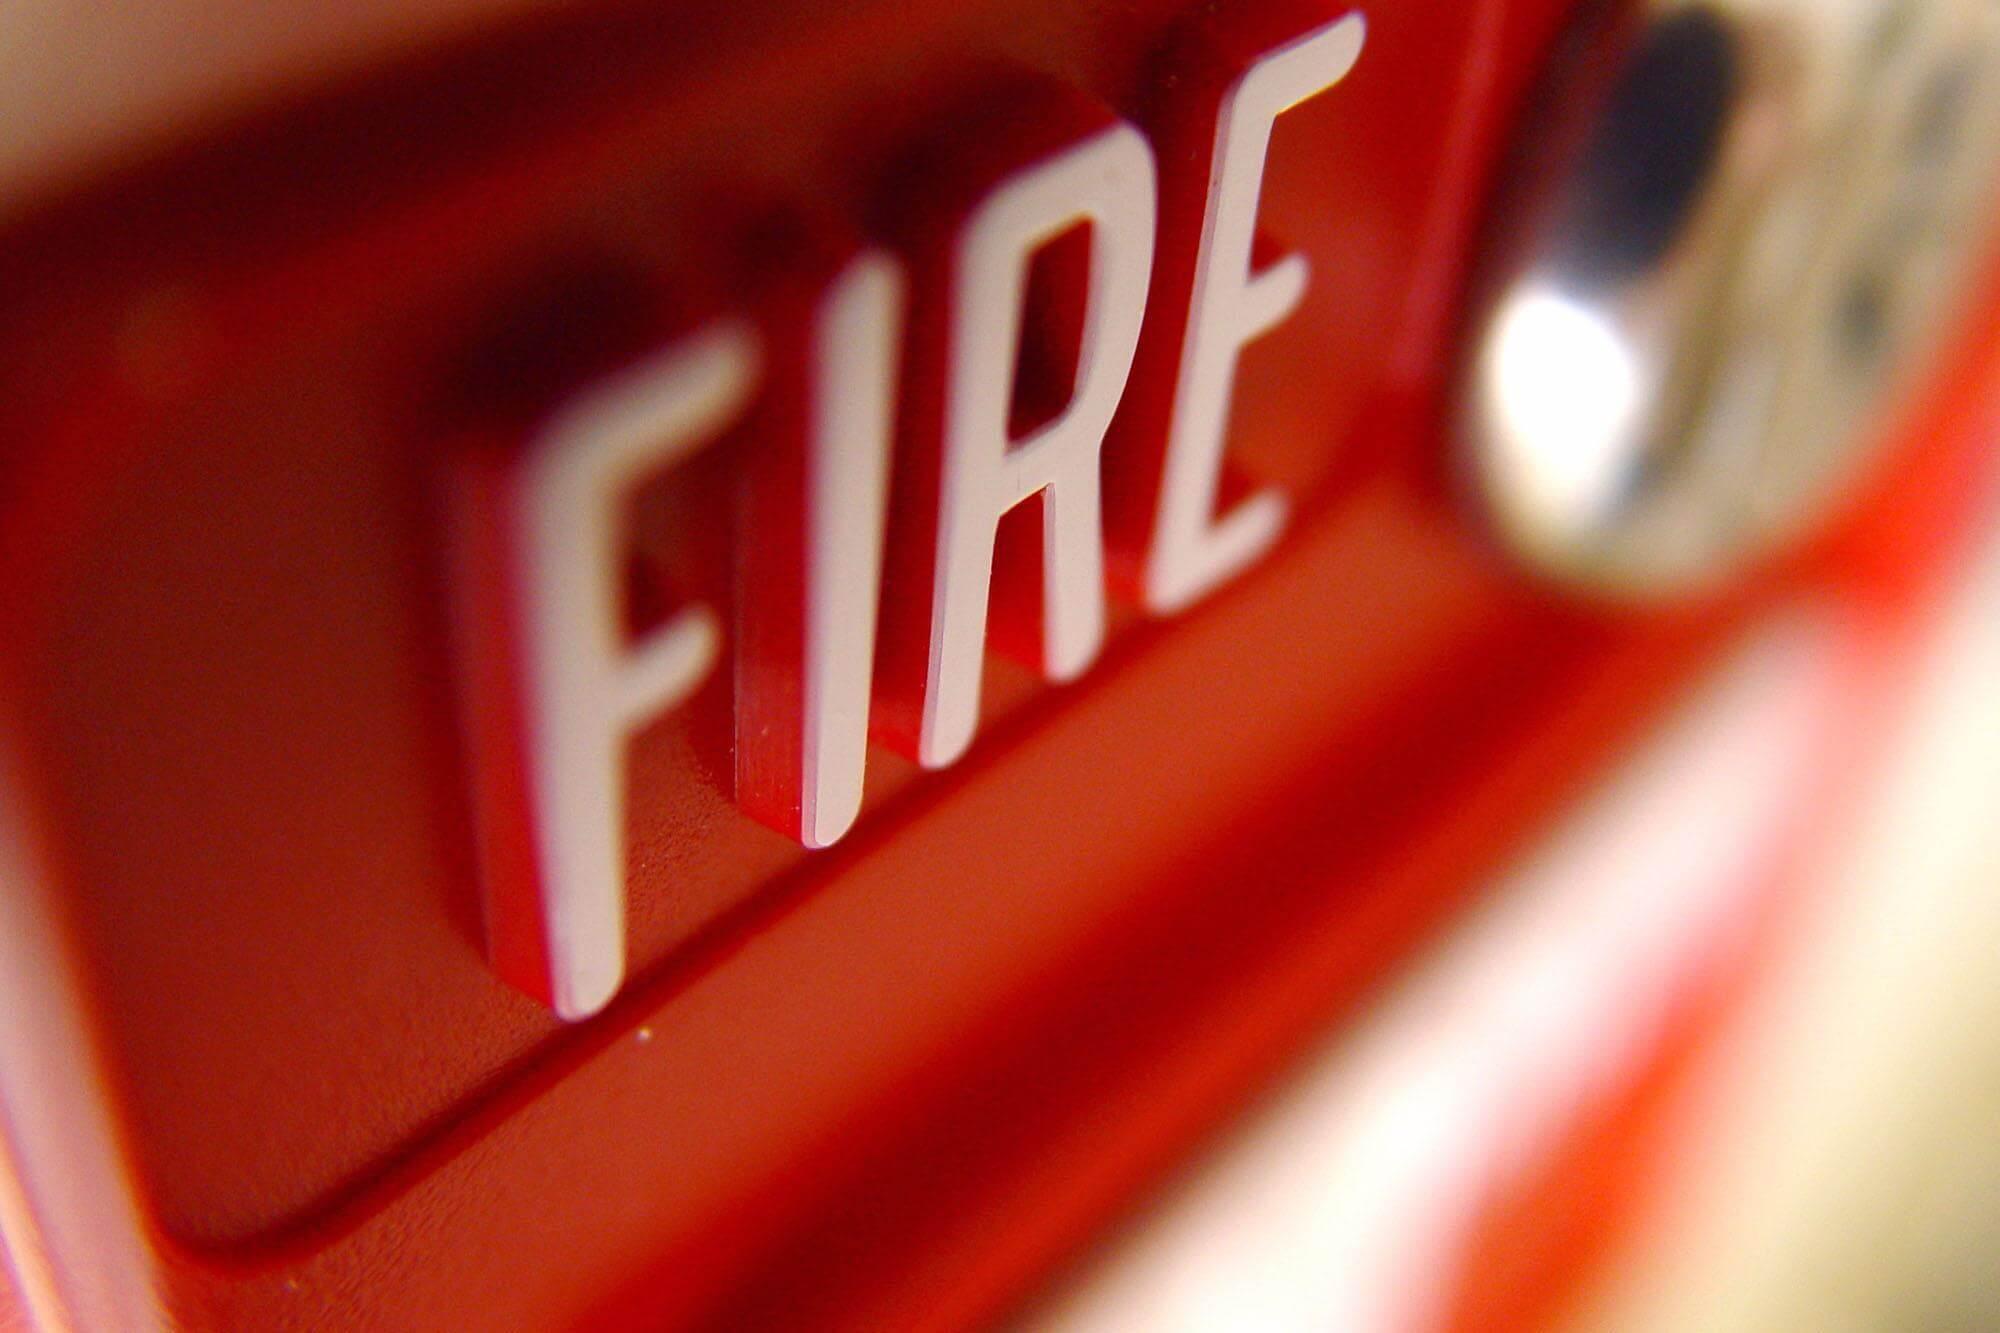 системы пожарной сигнализации обслуживание монтаж установка